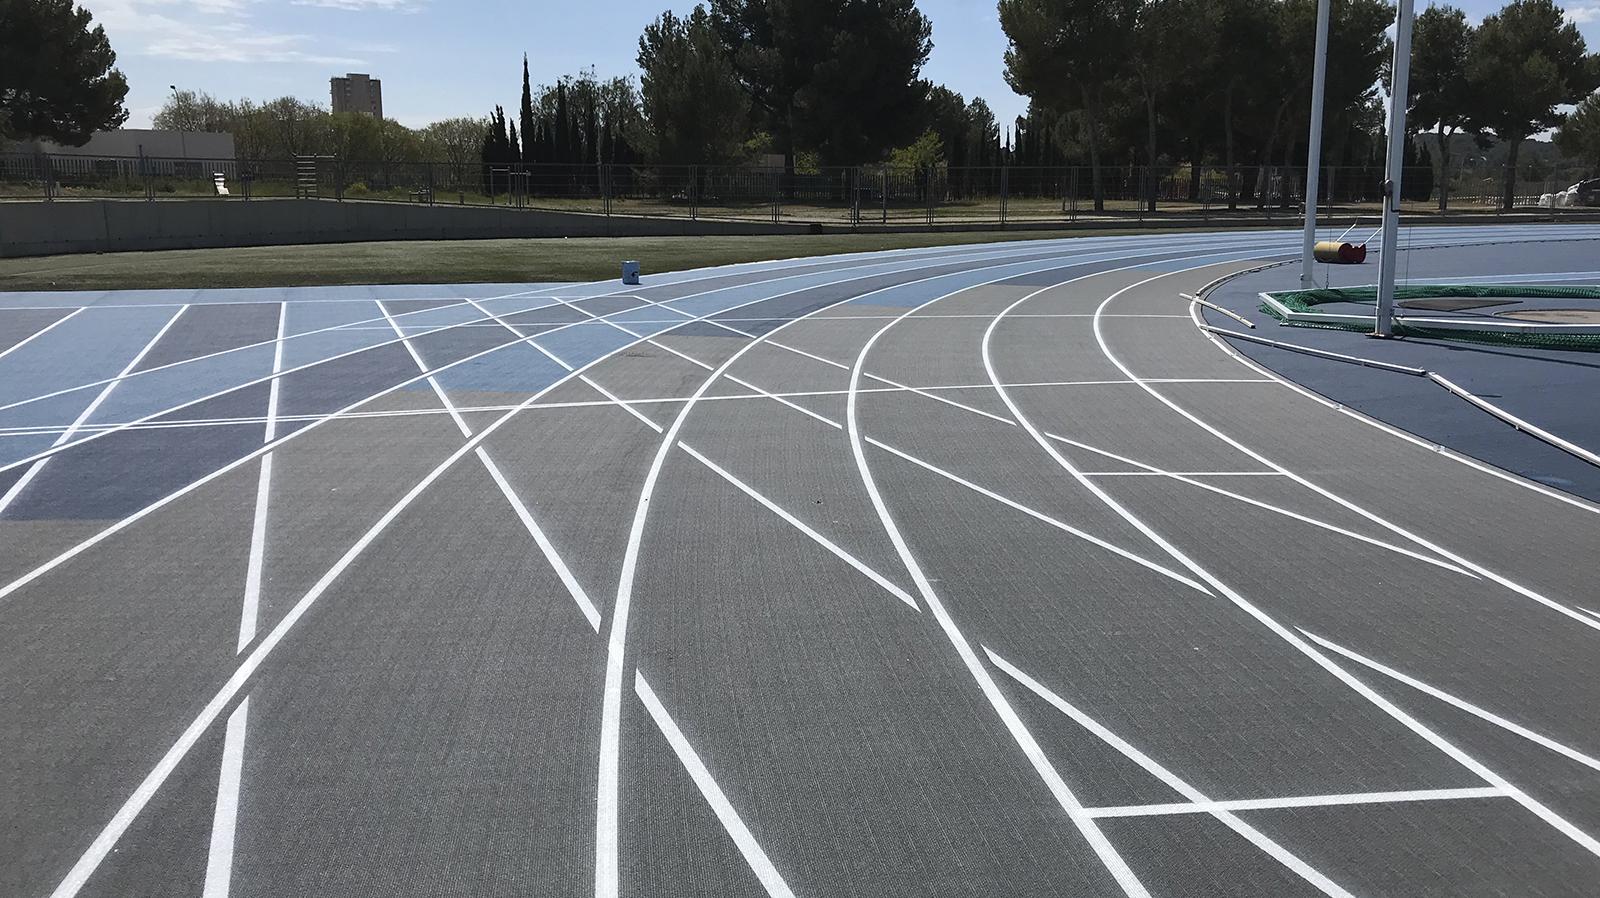 Pista de 6 carriles y lanzamientos en pista de atletismo de magaluf, Entrena atletismo en Mallorca , Athletics track in Mallorca